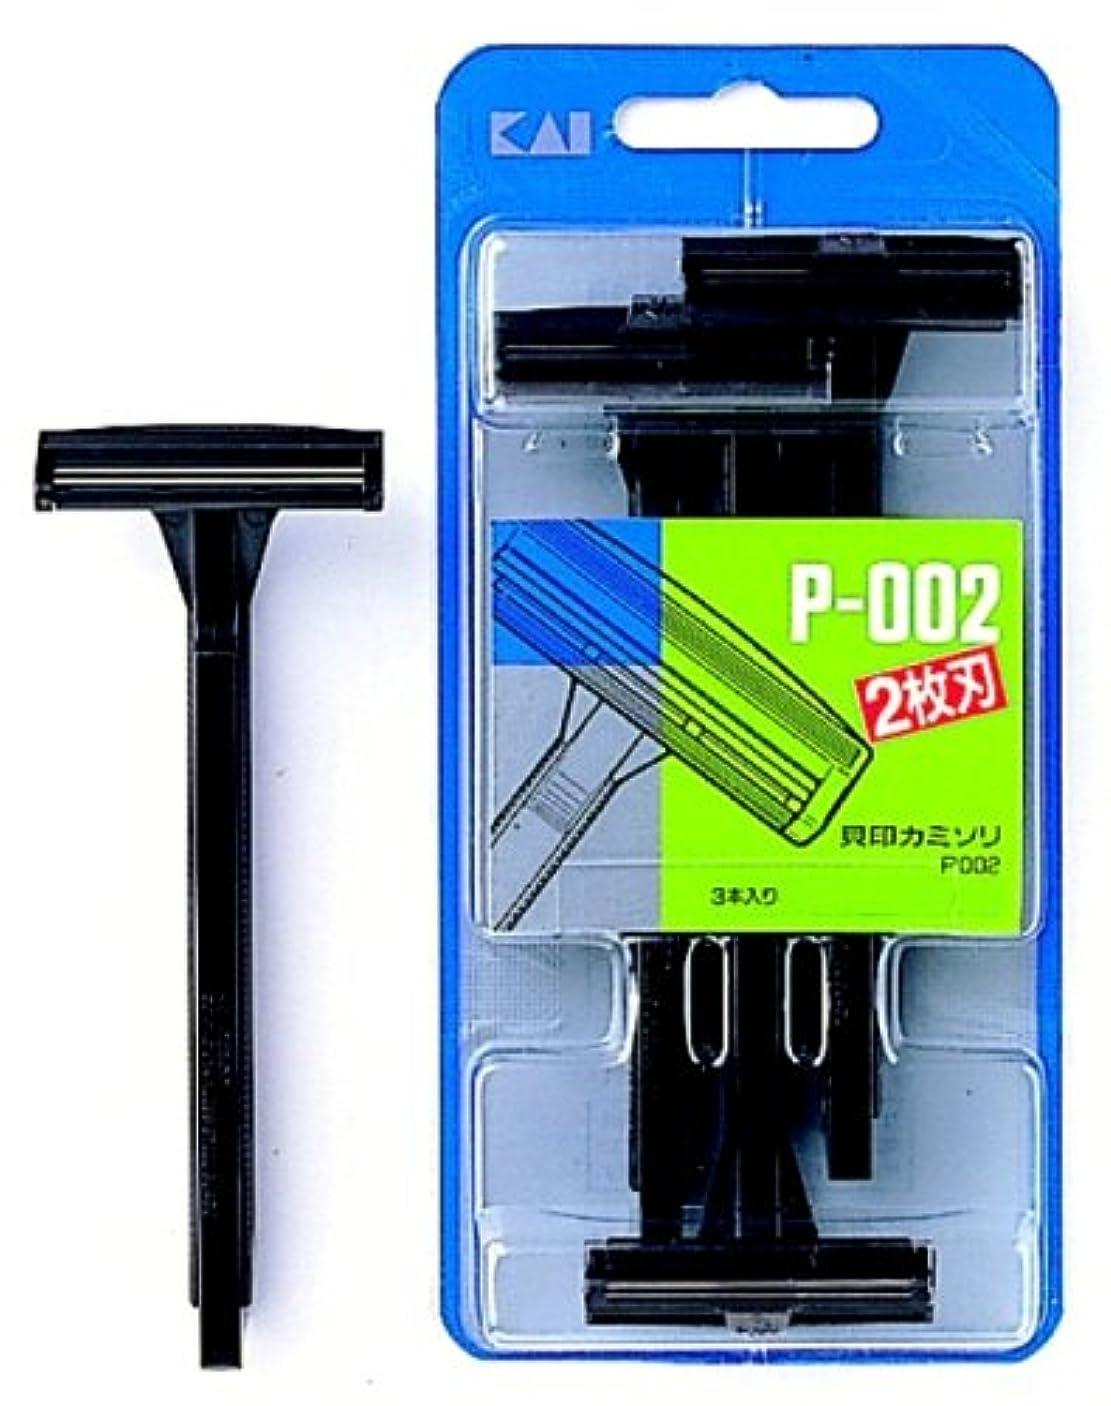 束人工的な最愛のカミソリ P002 P002-3B